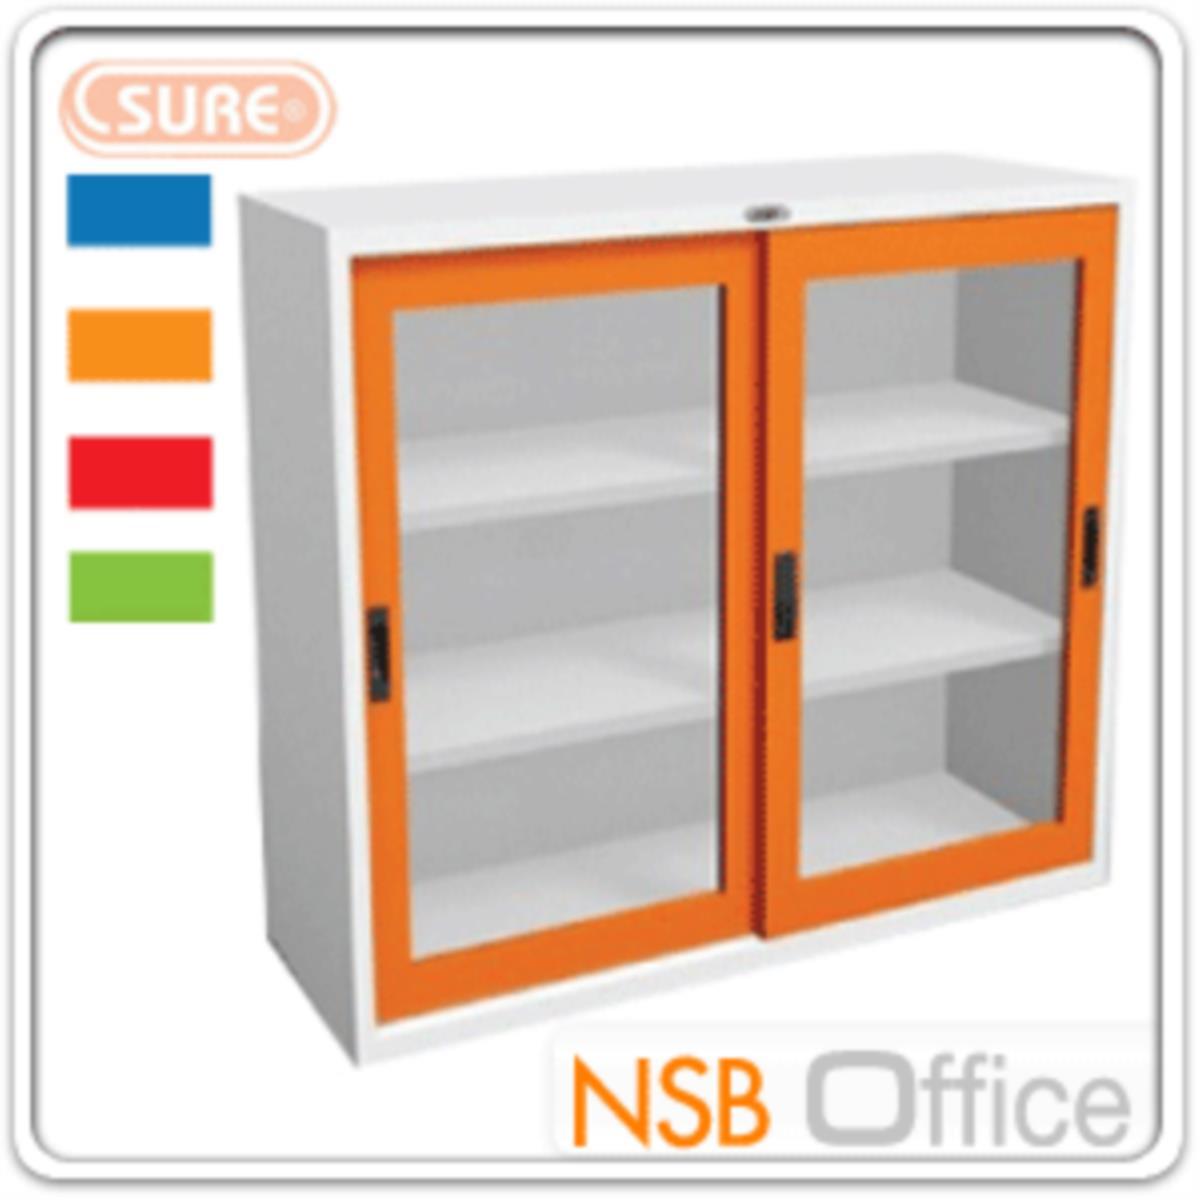 ตู้เหล็ก 2 บานเลื่อนกระจกเตี้ย หน้าบานสีสัน (3 และ 4 ฟุต) รุ่น CSLG-03,CSLG-04